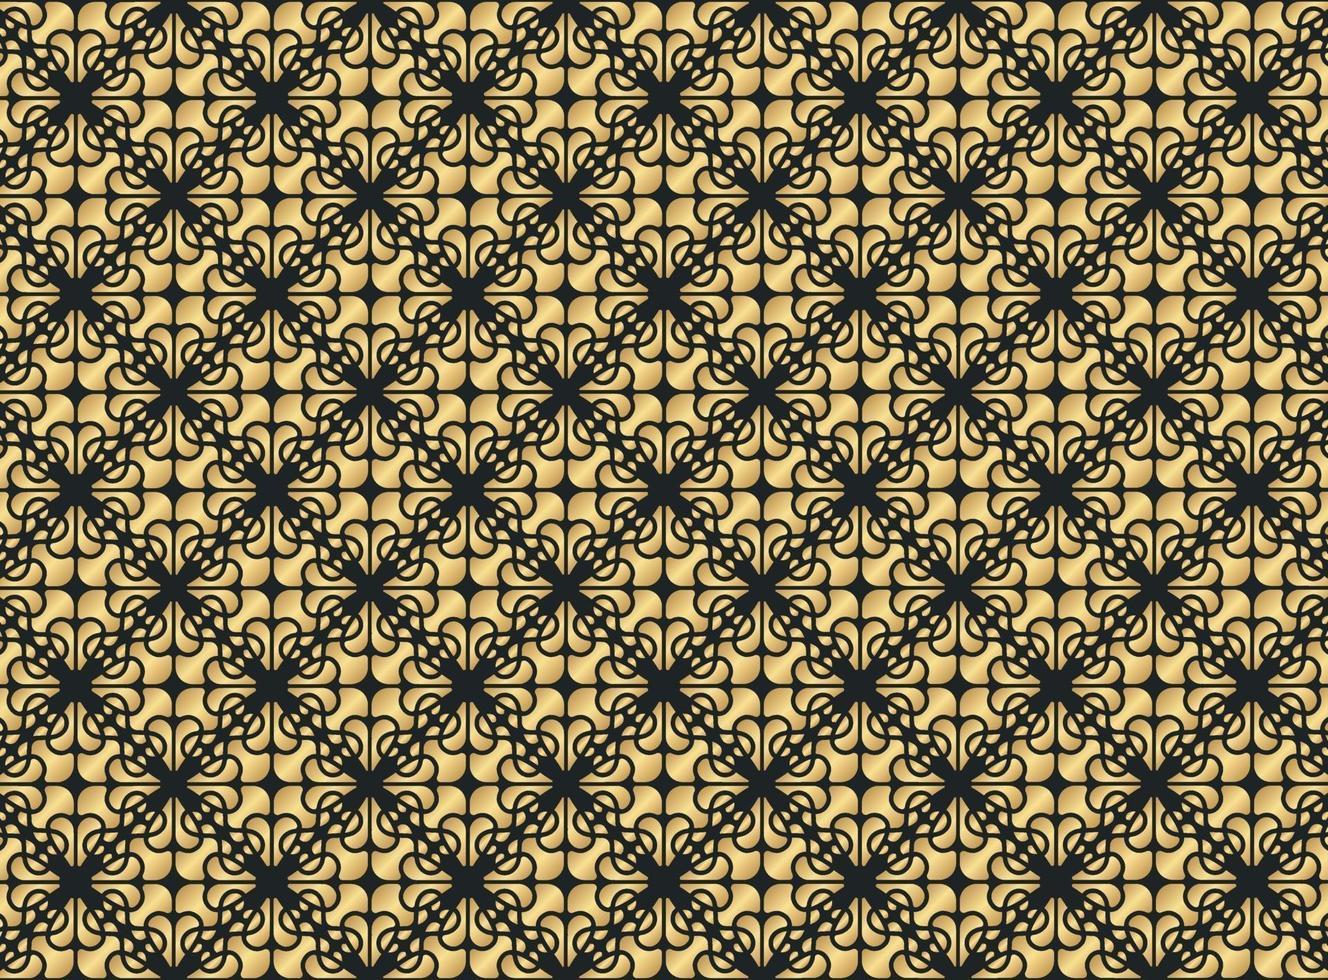 luxe gouden ornament patroon ontwerp achtergrond vector